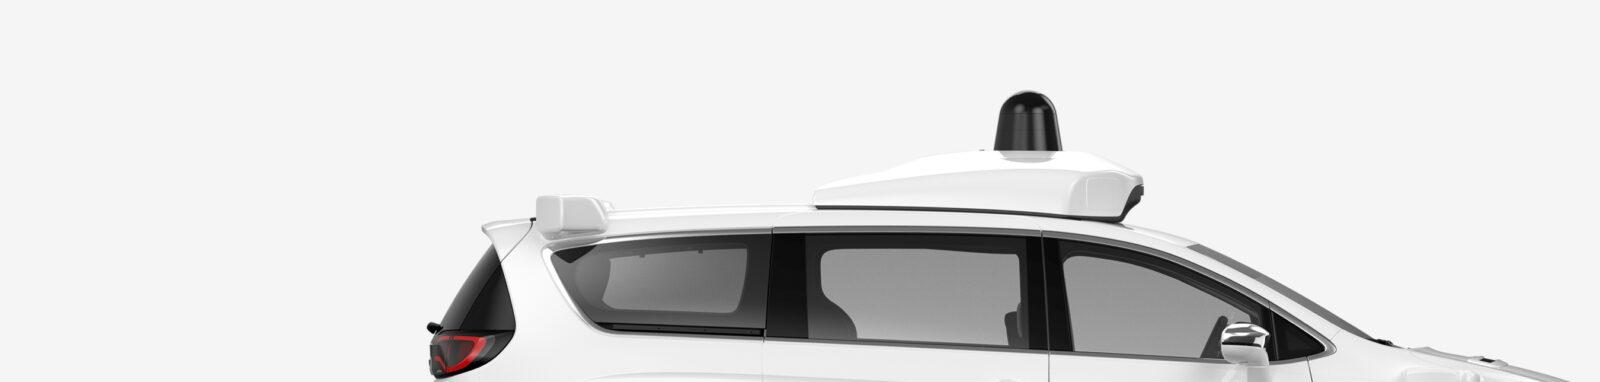 Volvo Car Group collabora con Waymo per la guida autonoma